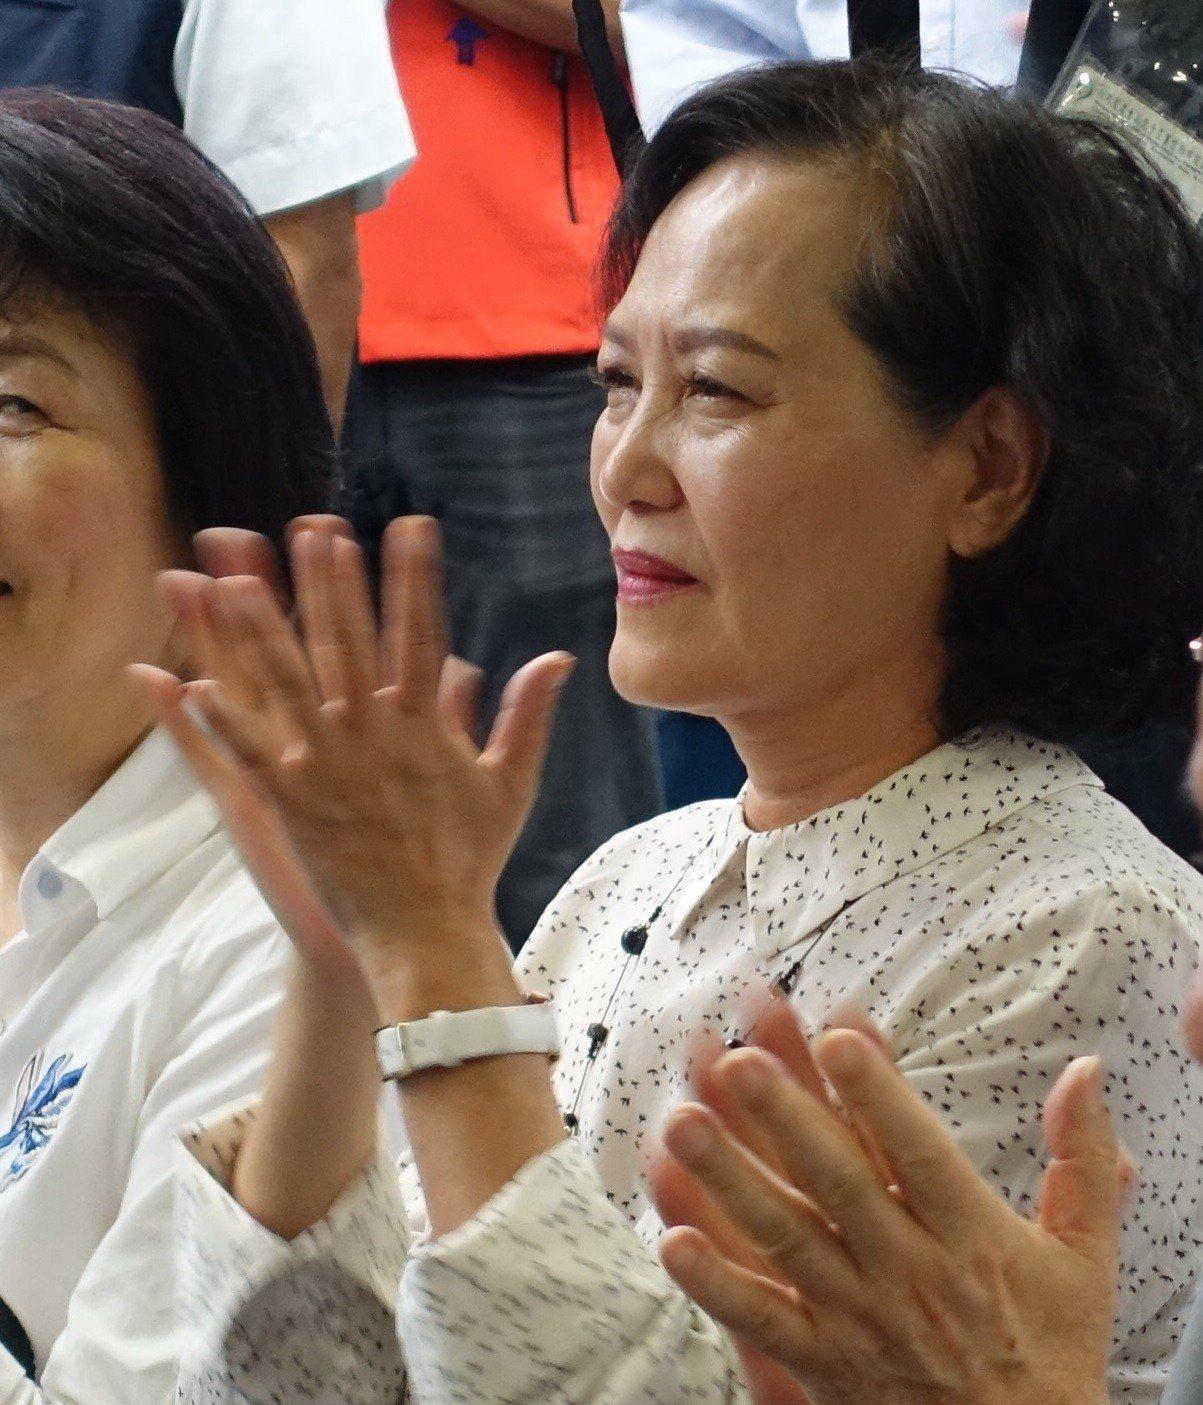 立法院長夫人洪恆珠傳出有意參選立委,她今晚說希望參選,但還在考慮。圖/本報資料照